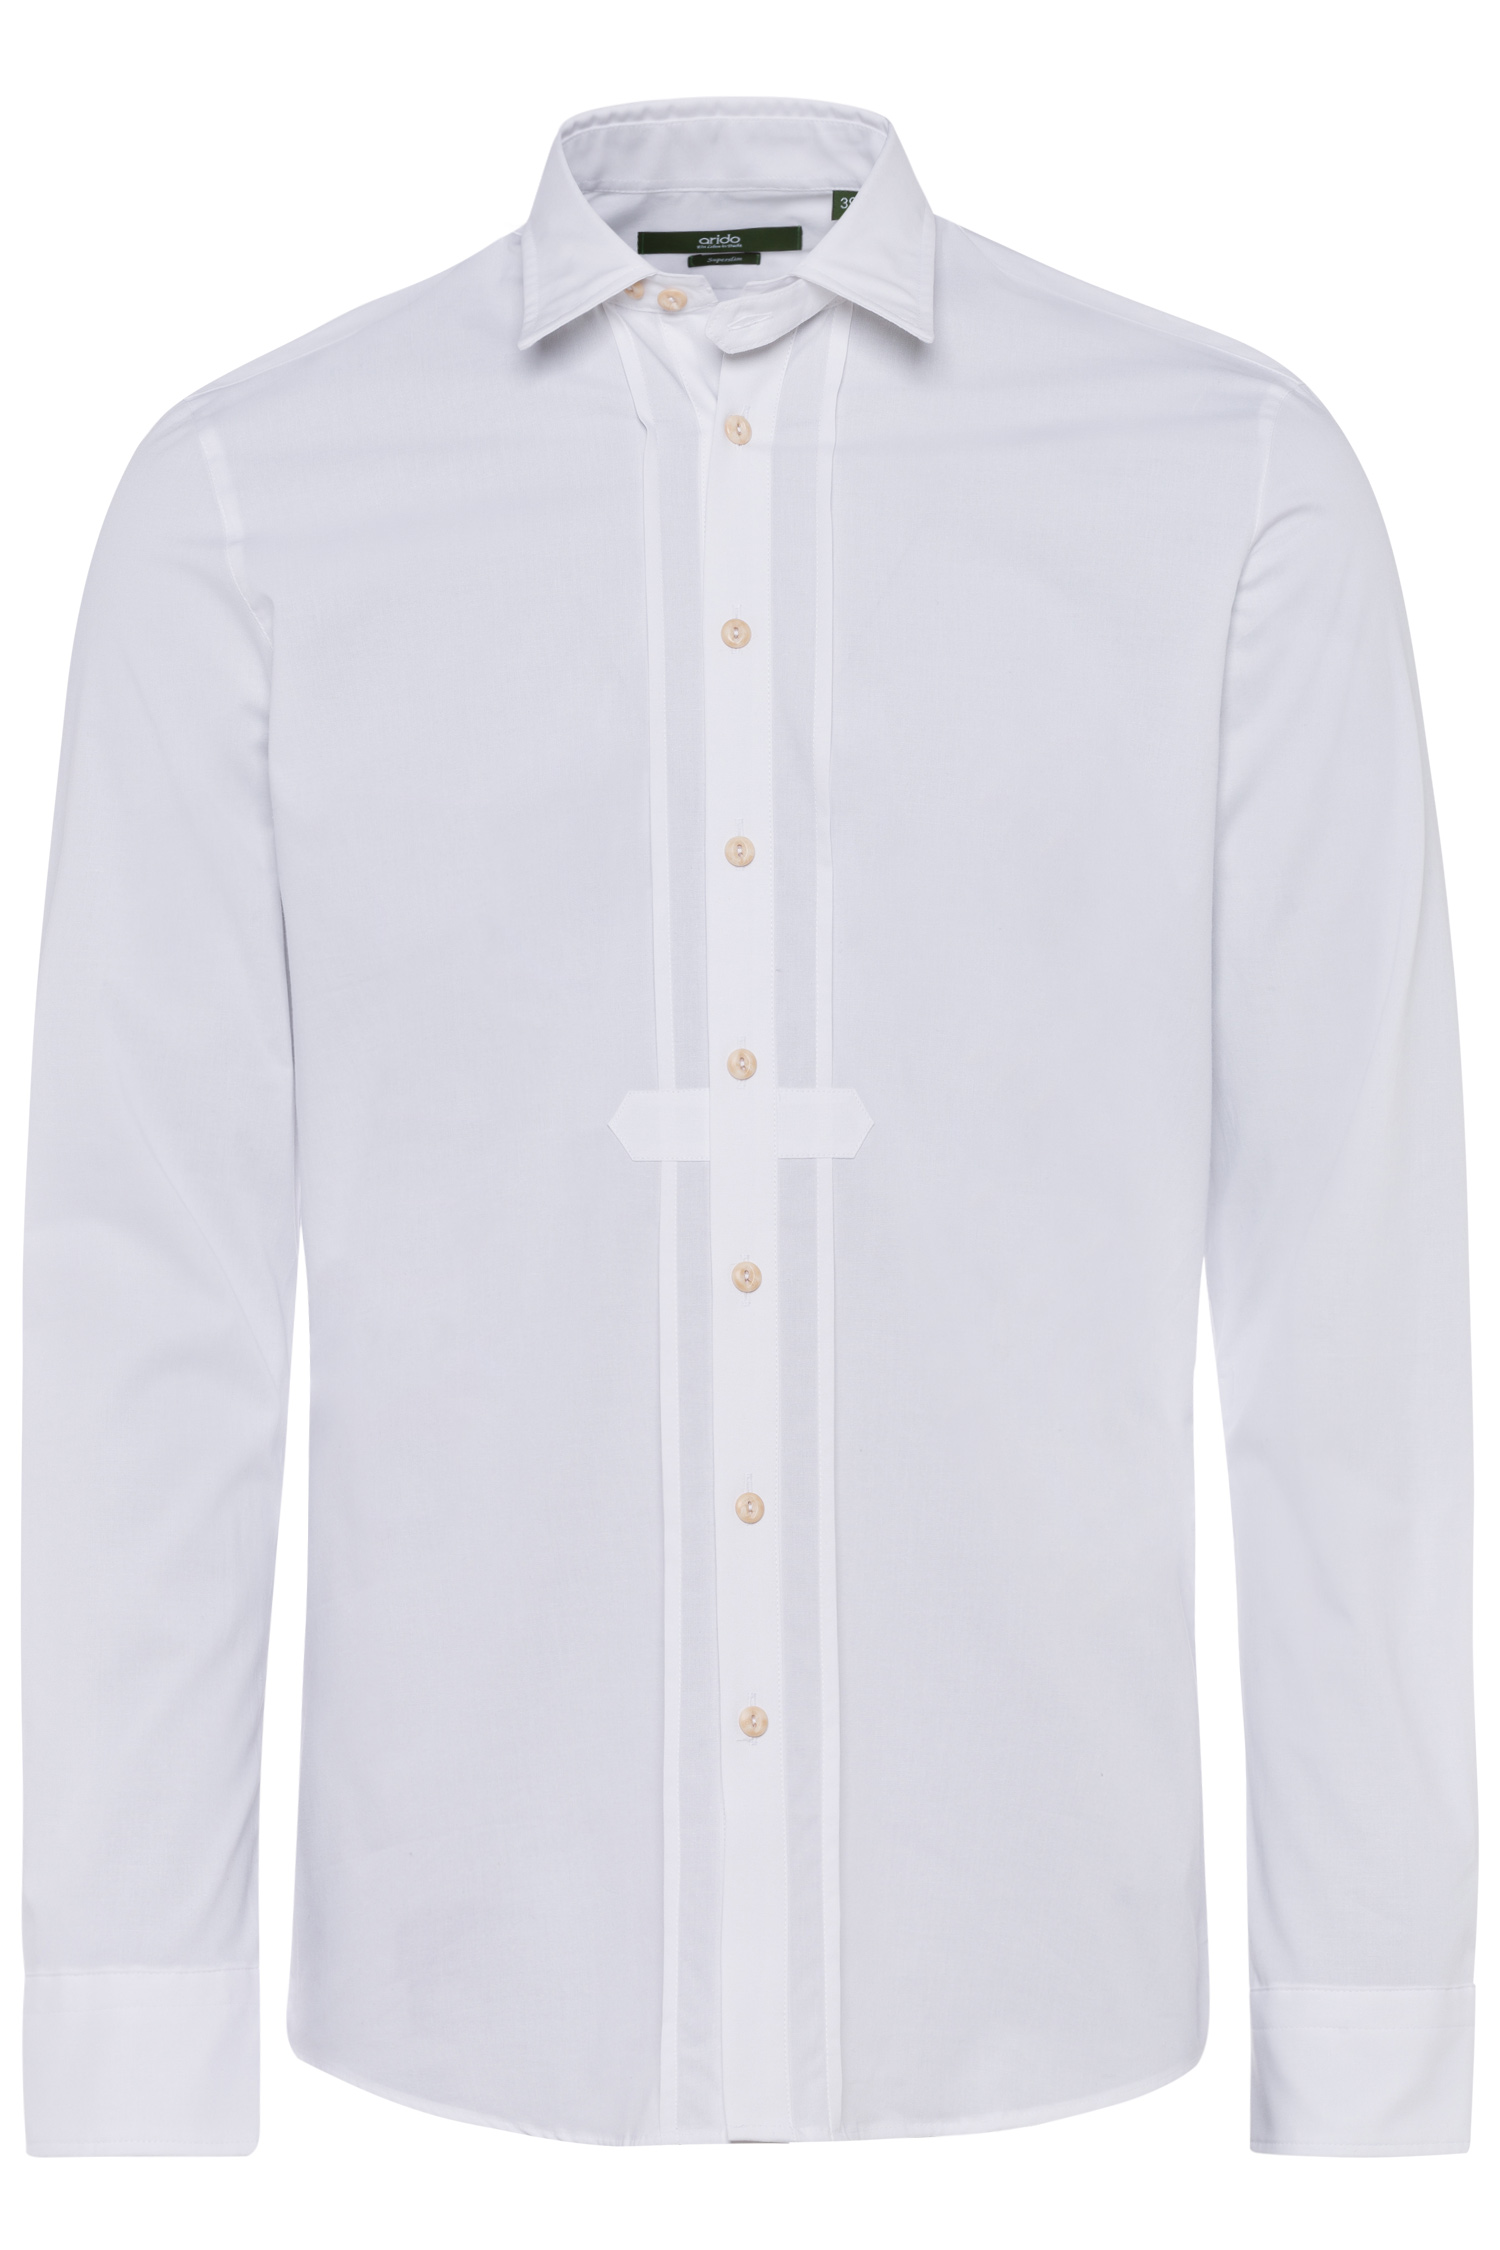 Trachtenhemd Superslim 43 | 00 weiß